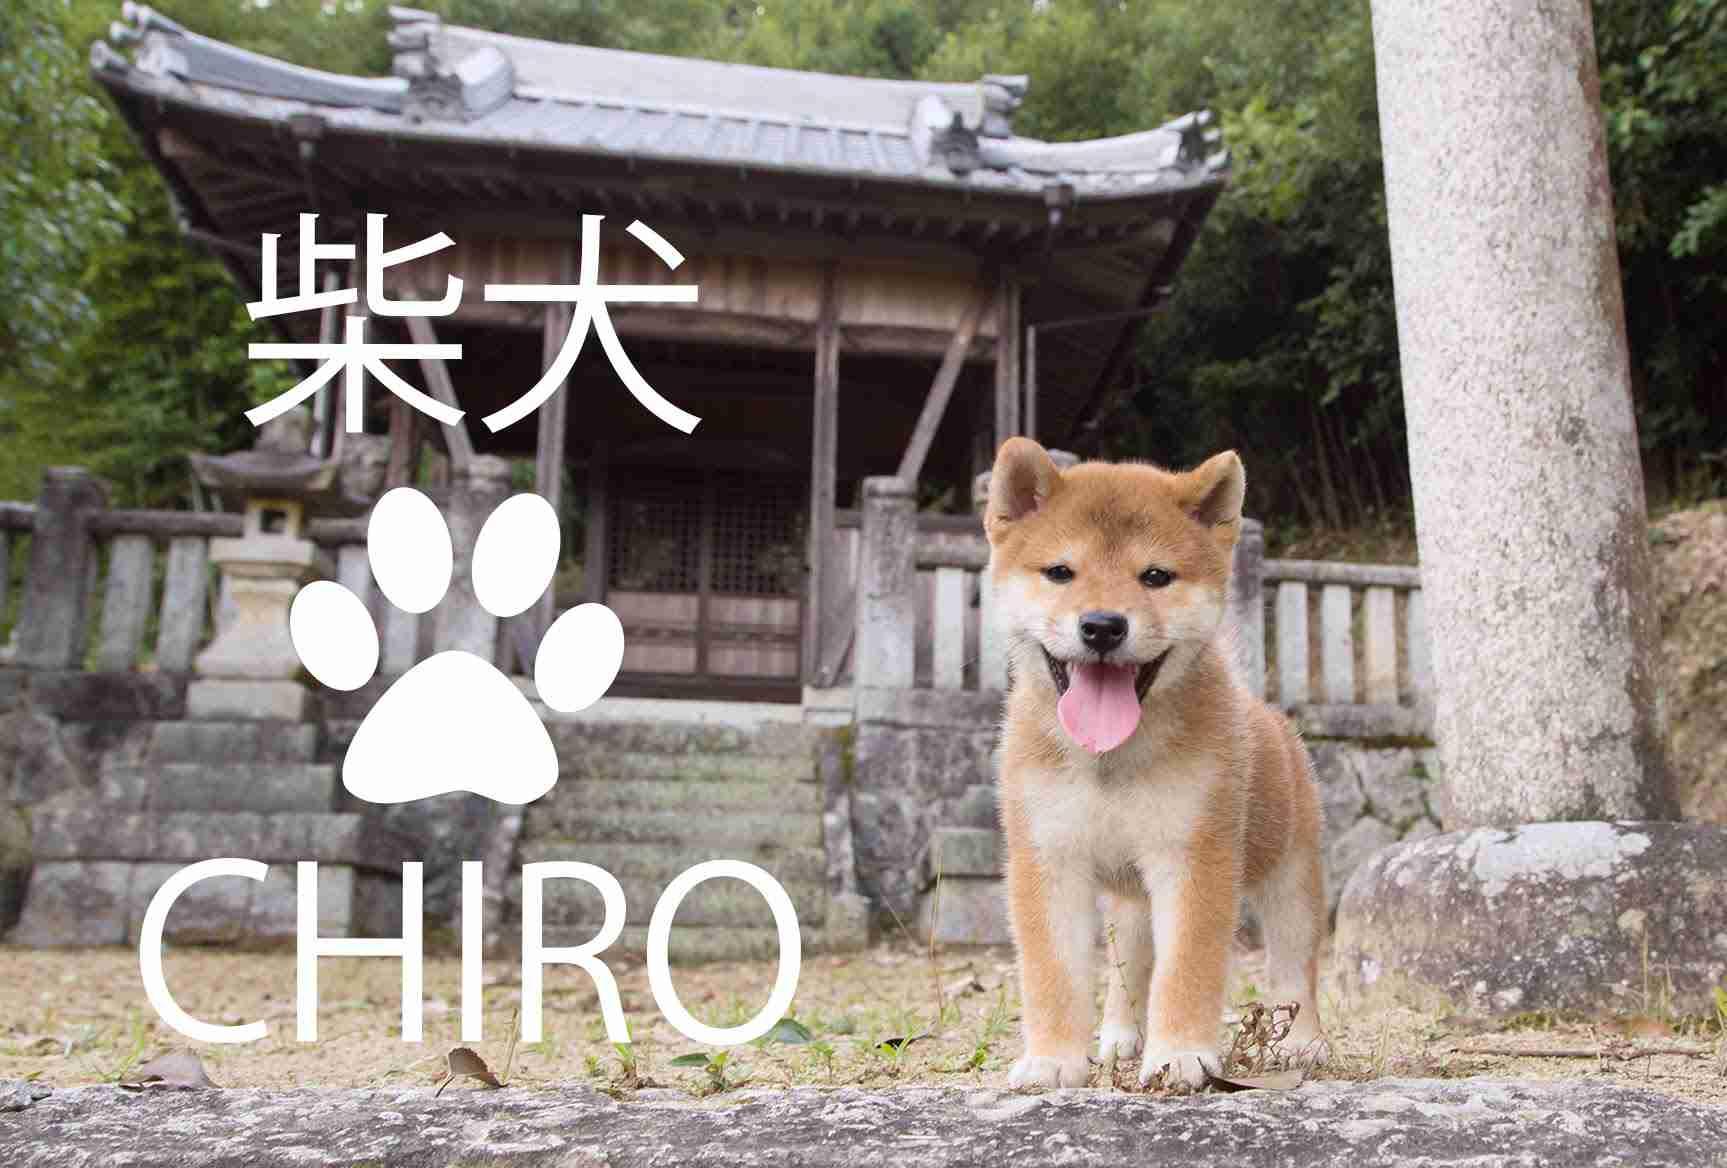 柴犬 子犬 ちろ  Shiba inu puppy  CHIRO - YouTube